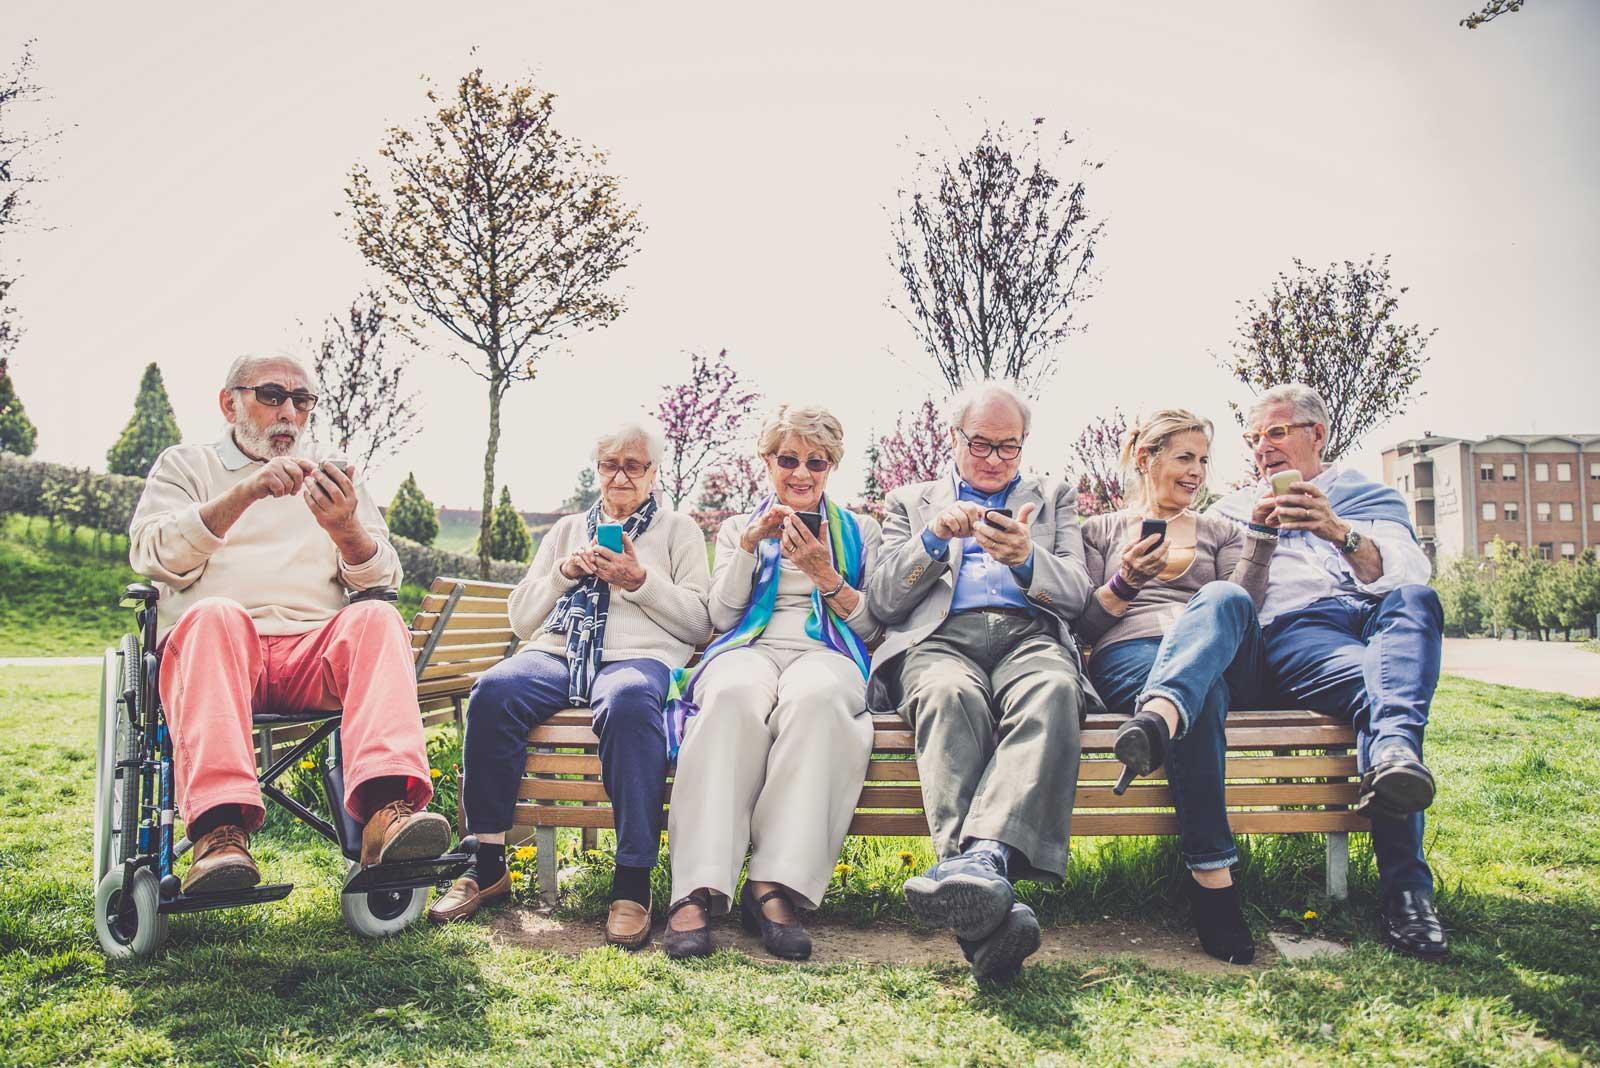 Pensjonister sammen på benk